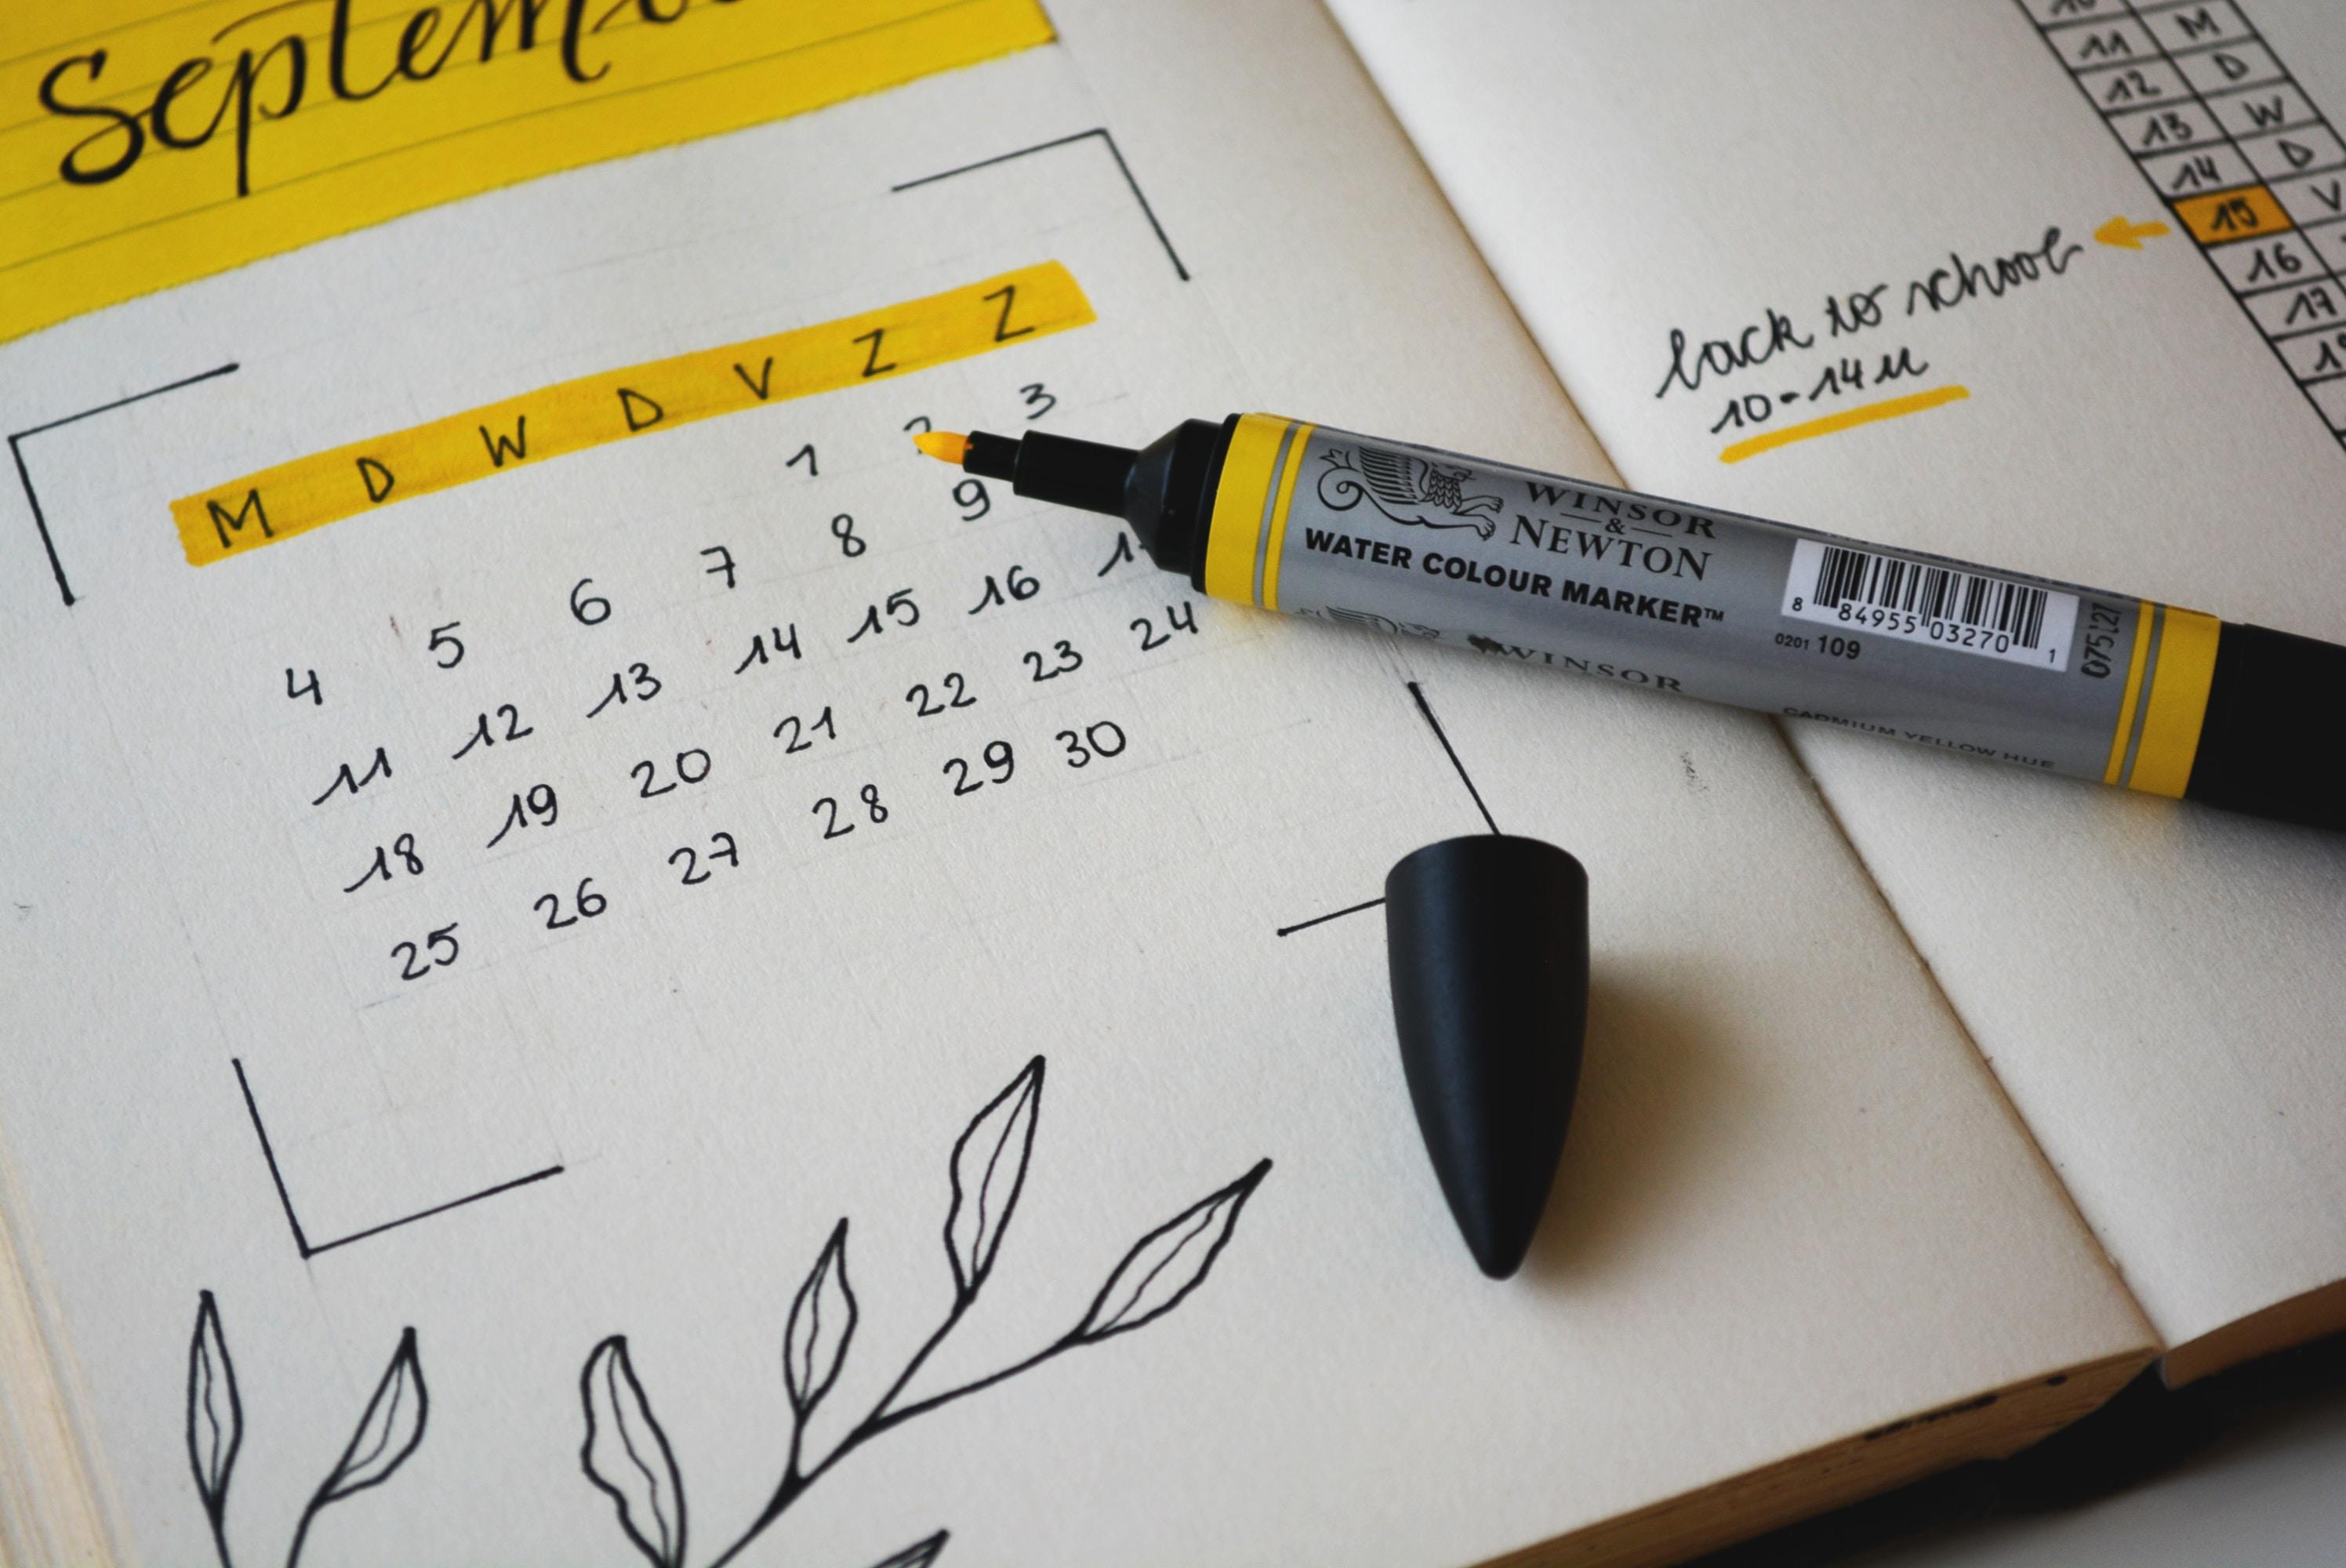 Σεπτέμβριος: ο μήνας των sales & budget meetings